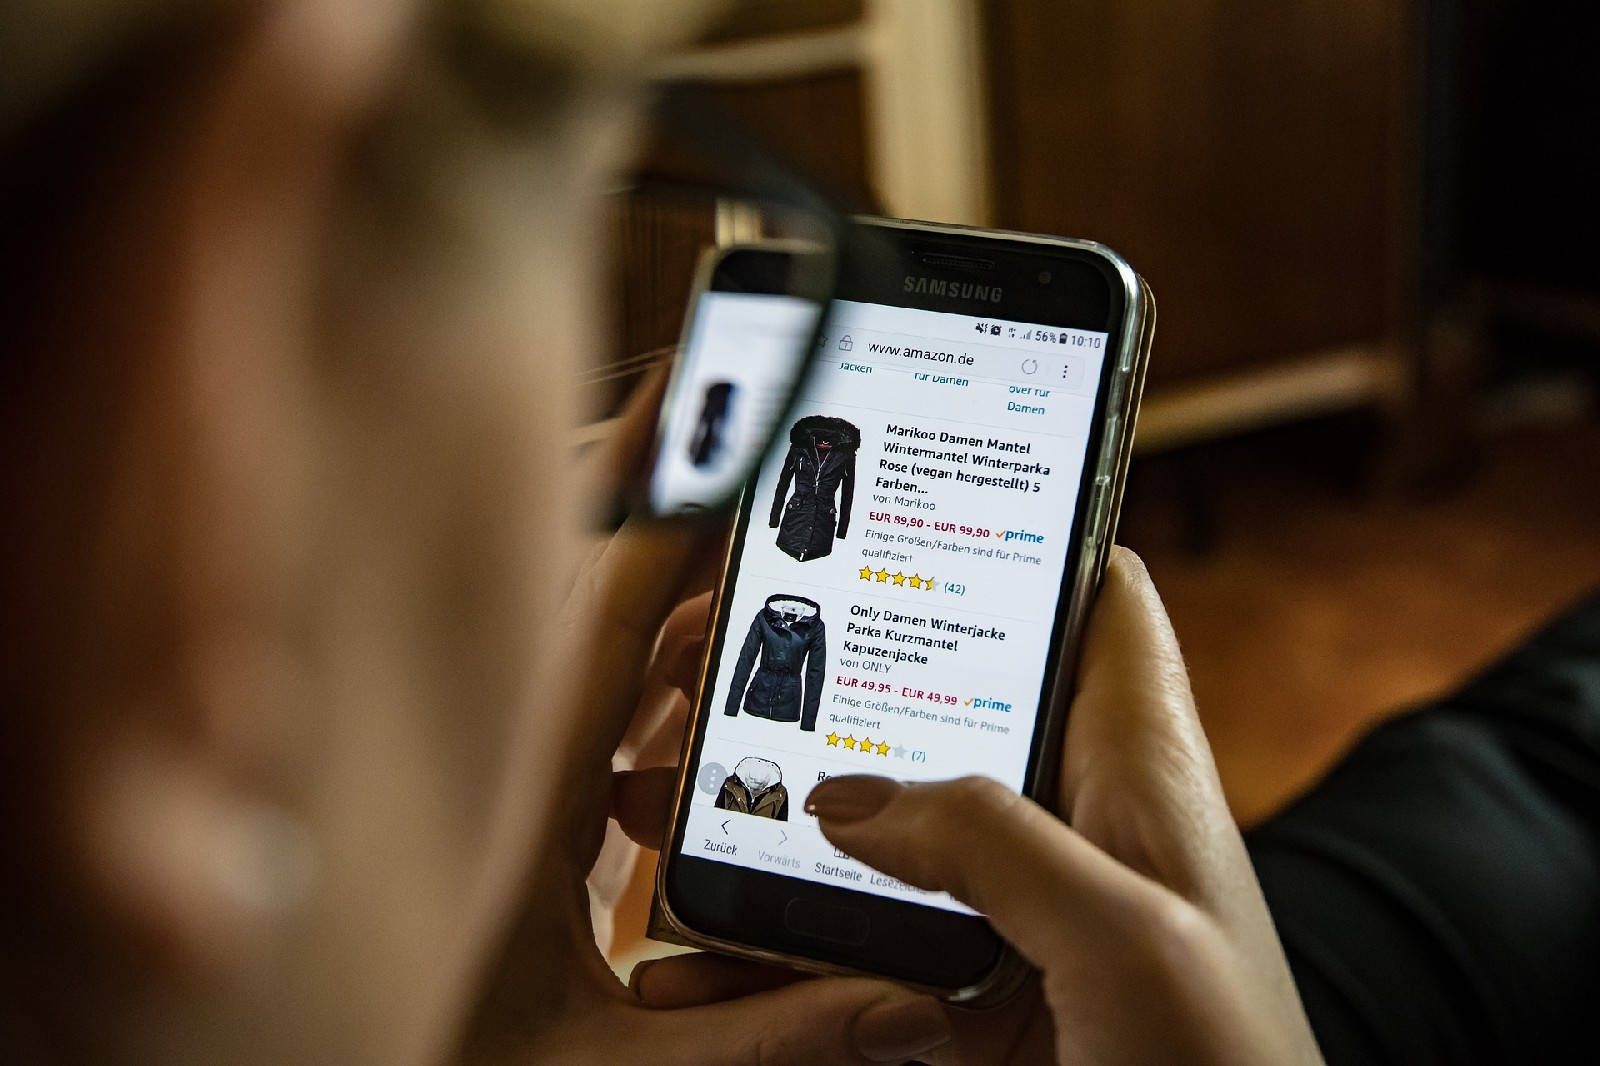 Przyszłość smartfonów - jak rozwiną się urządzenia mobilne?